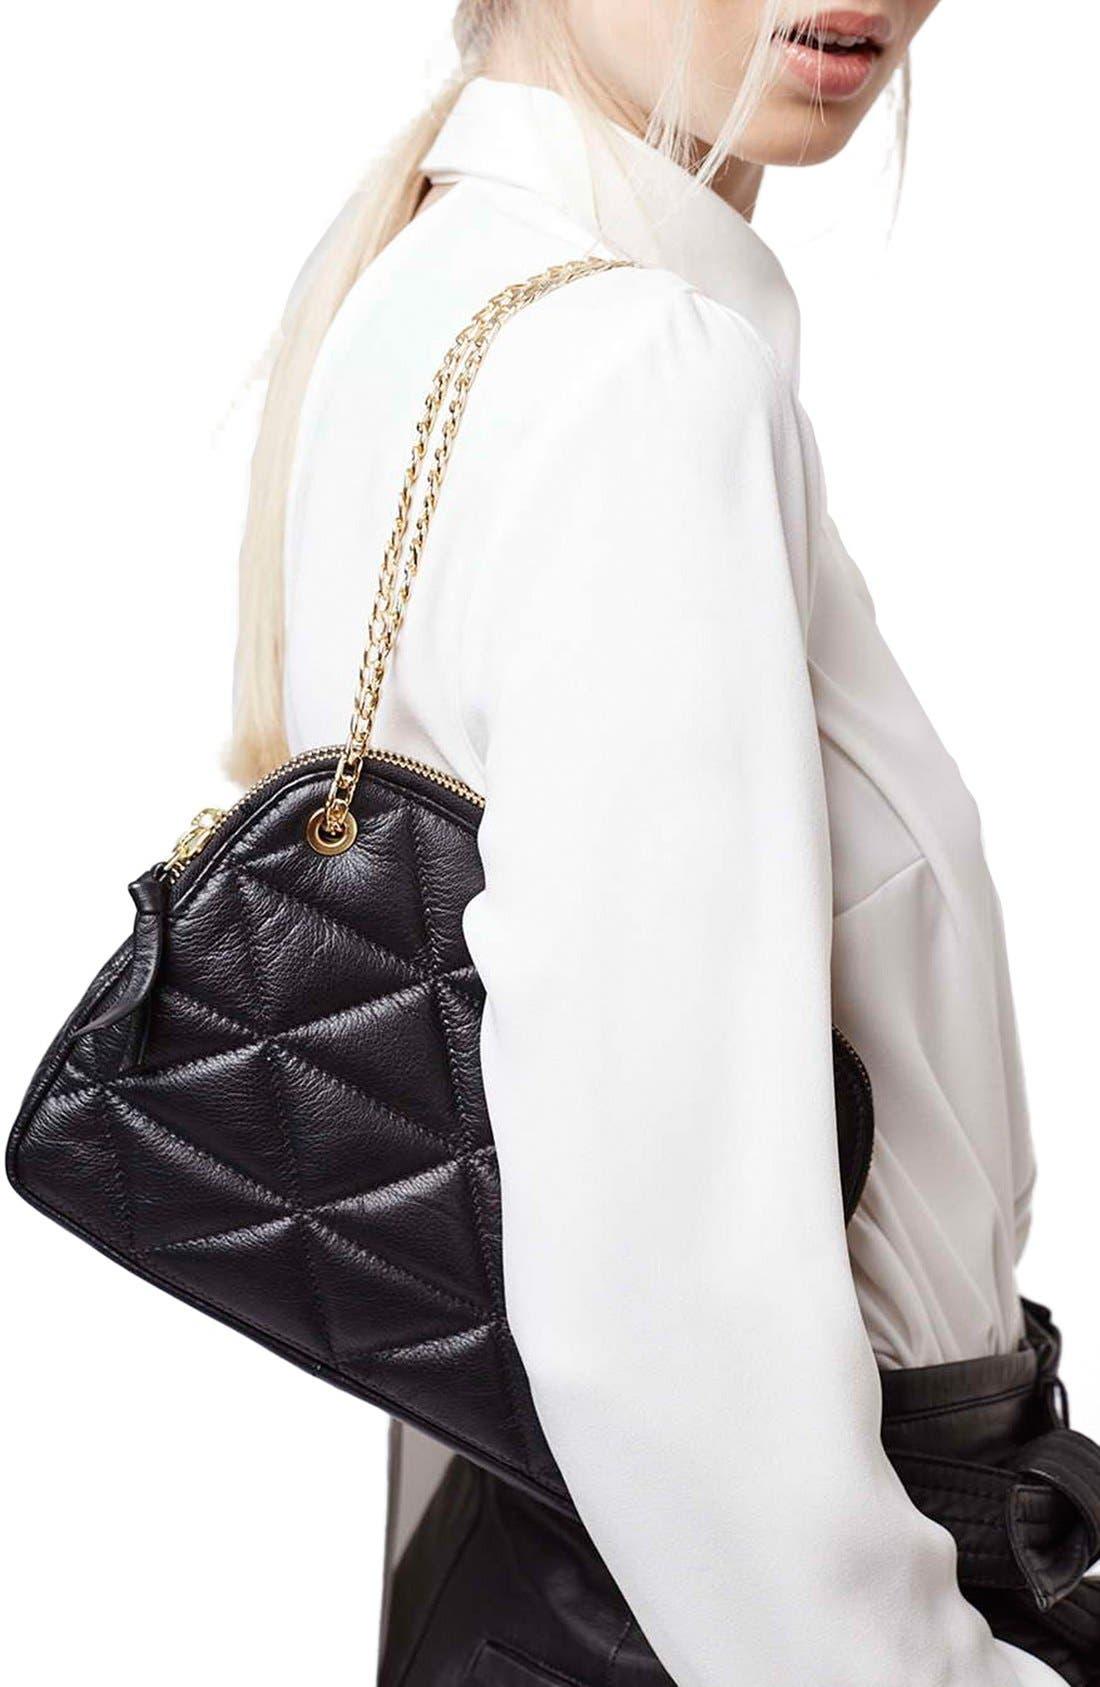 TOPSHOP, Quilted Leather Shoulder Bag, Alternate thumbnail 3, color, 001